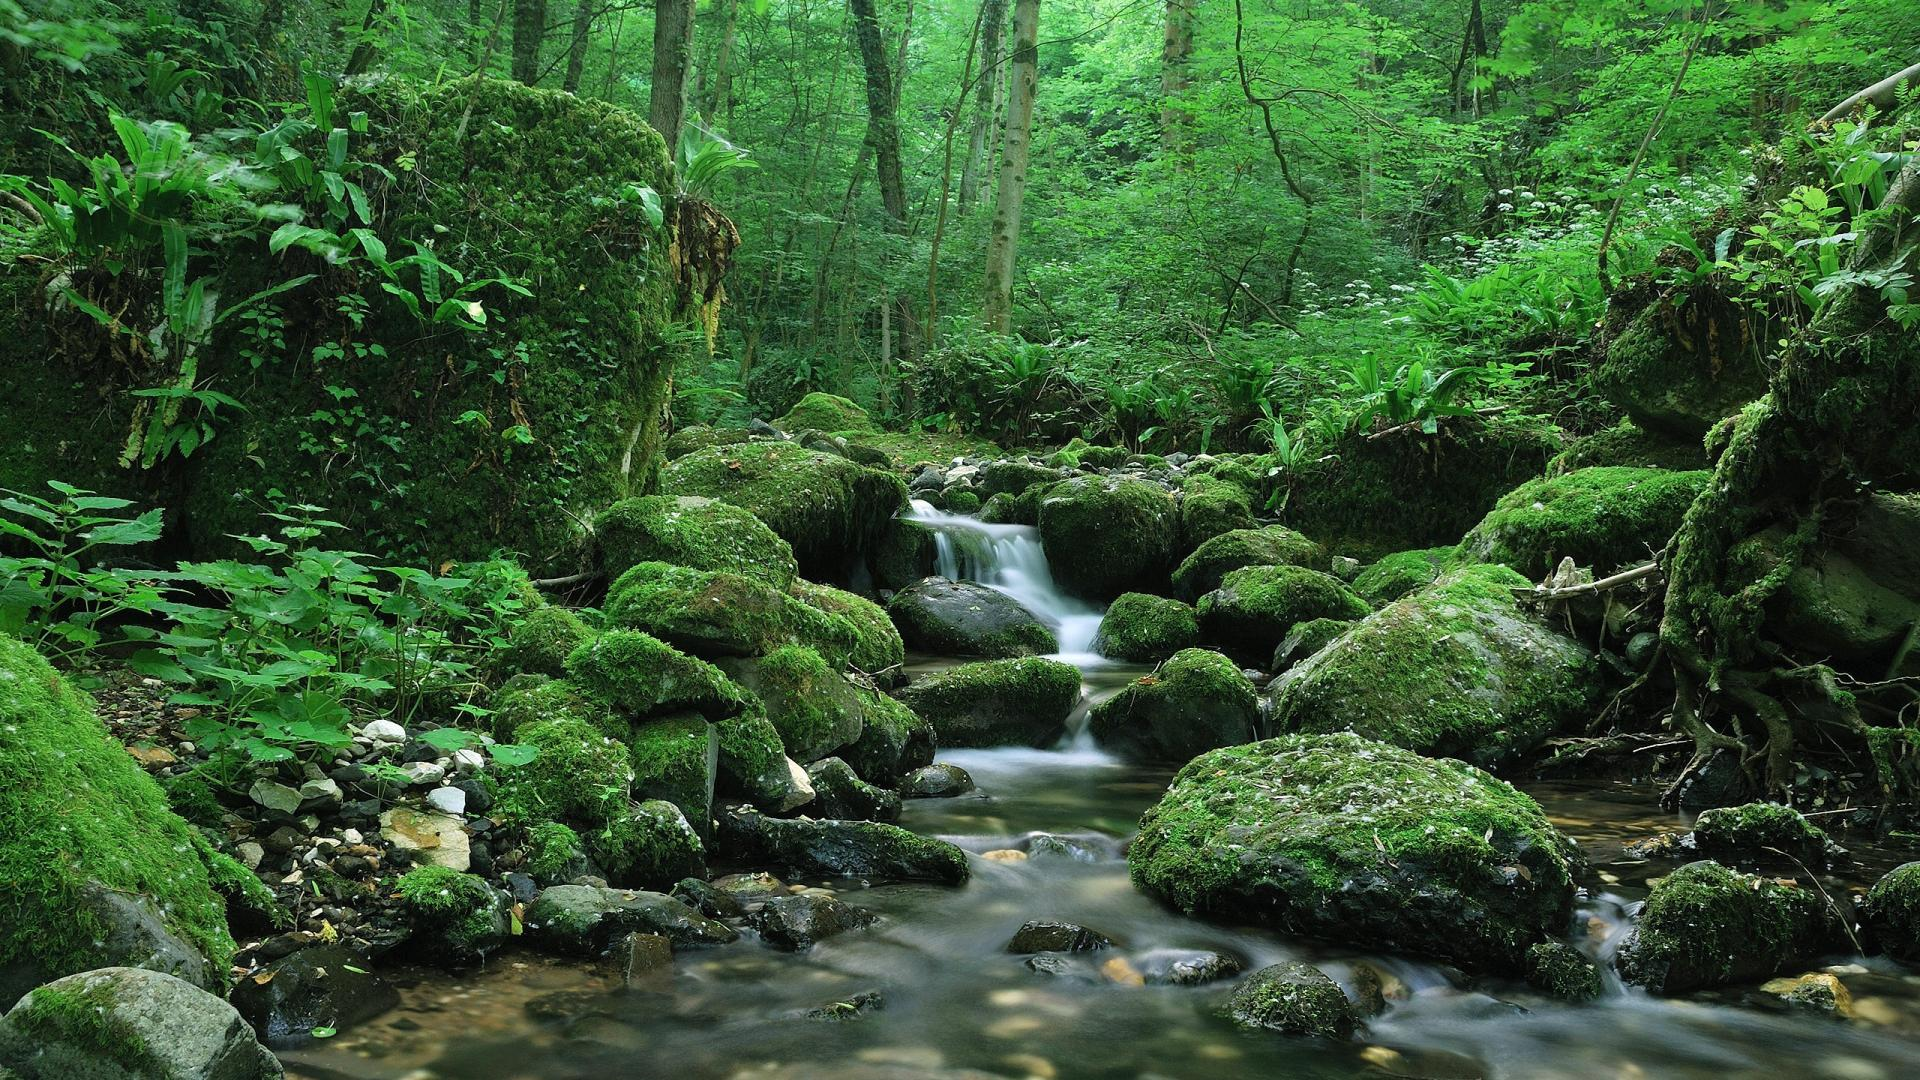 Desmatamento: Impactos negativos na qualidade da água